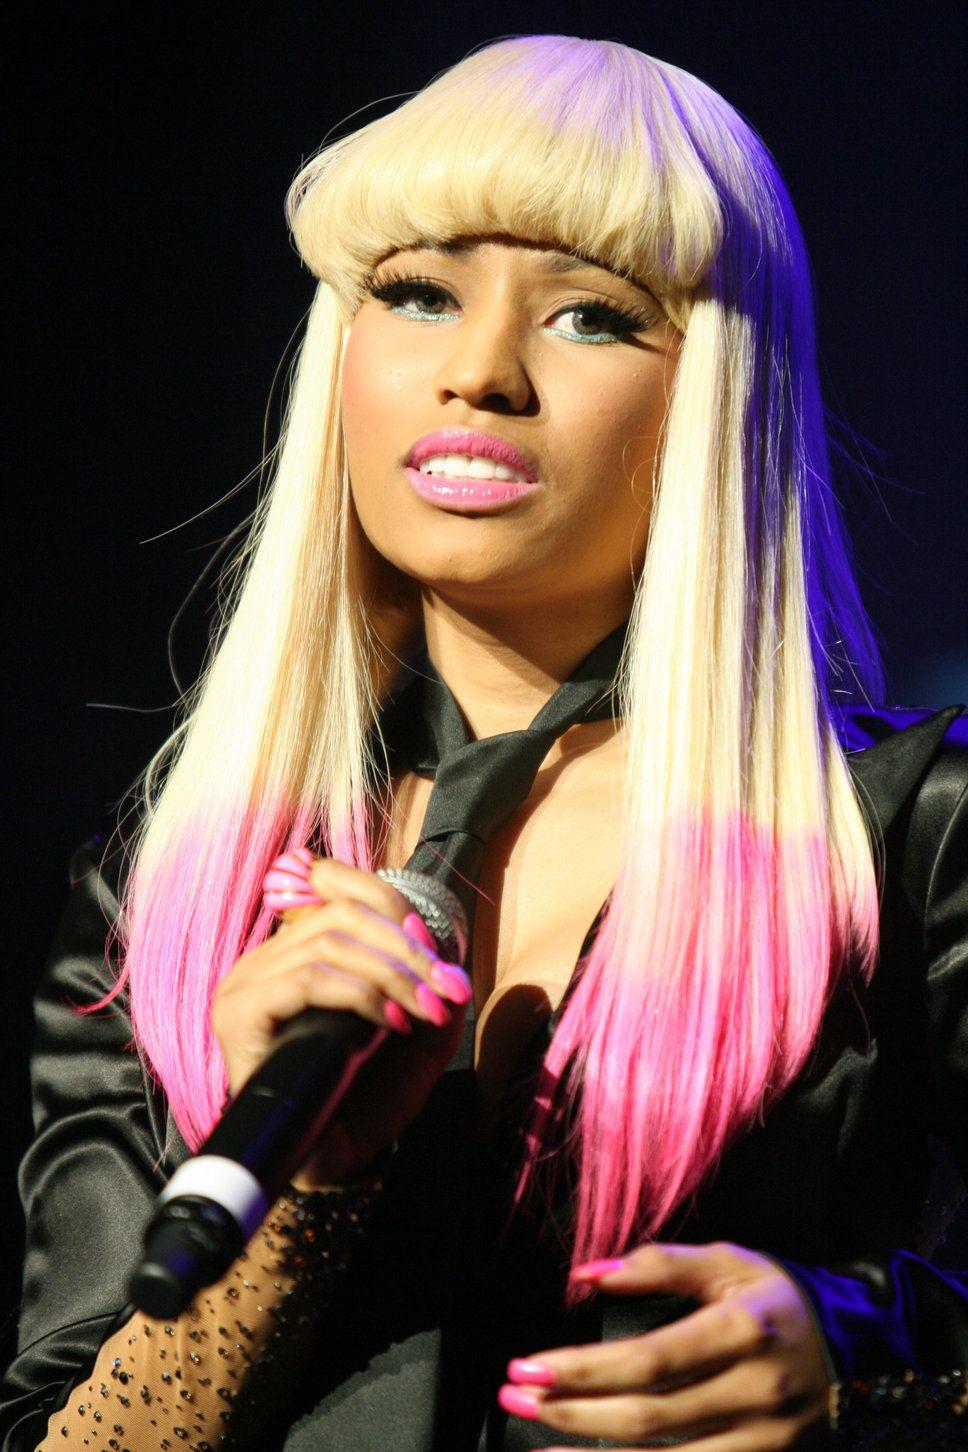 Nicki Minaj Dip Dye Pink And Blonde Hair Bangs Dip Dye Hair Dip